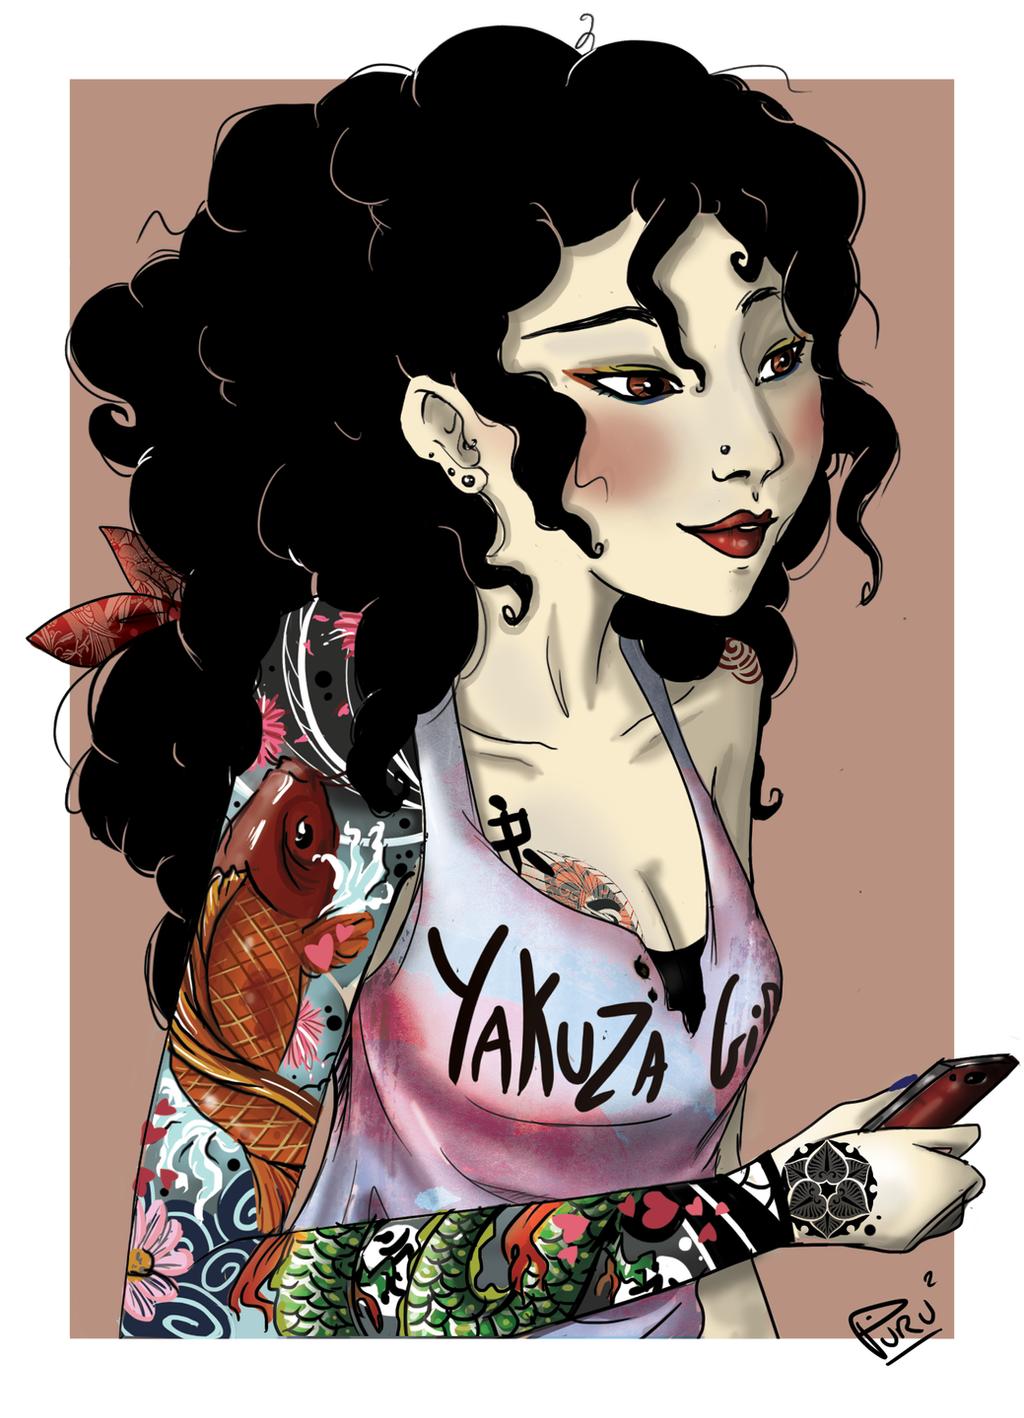 Inked-babe by Puru2